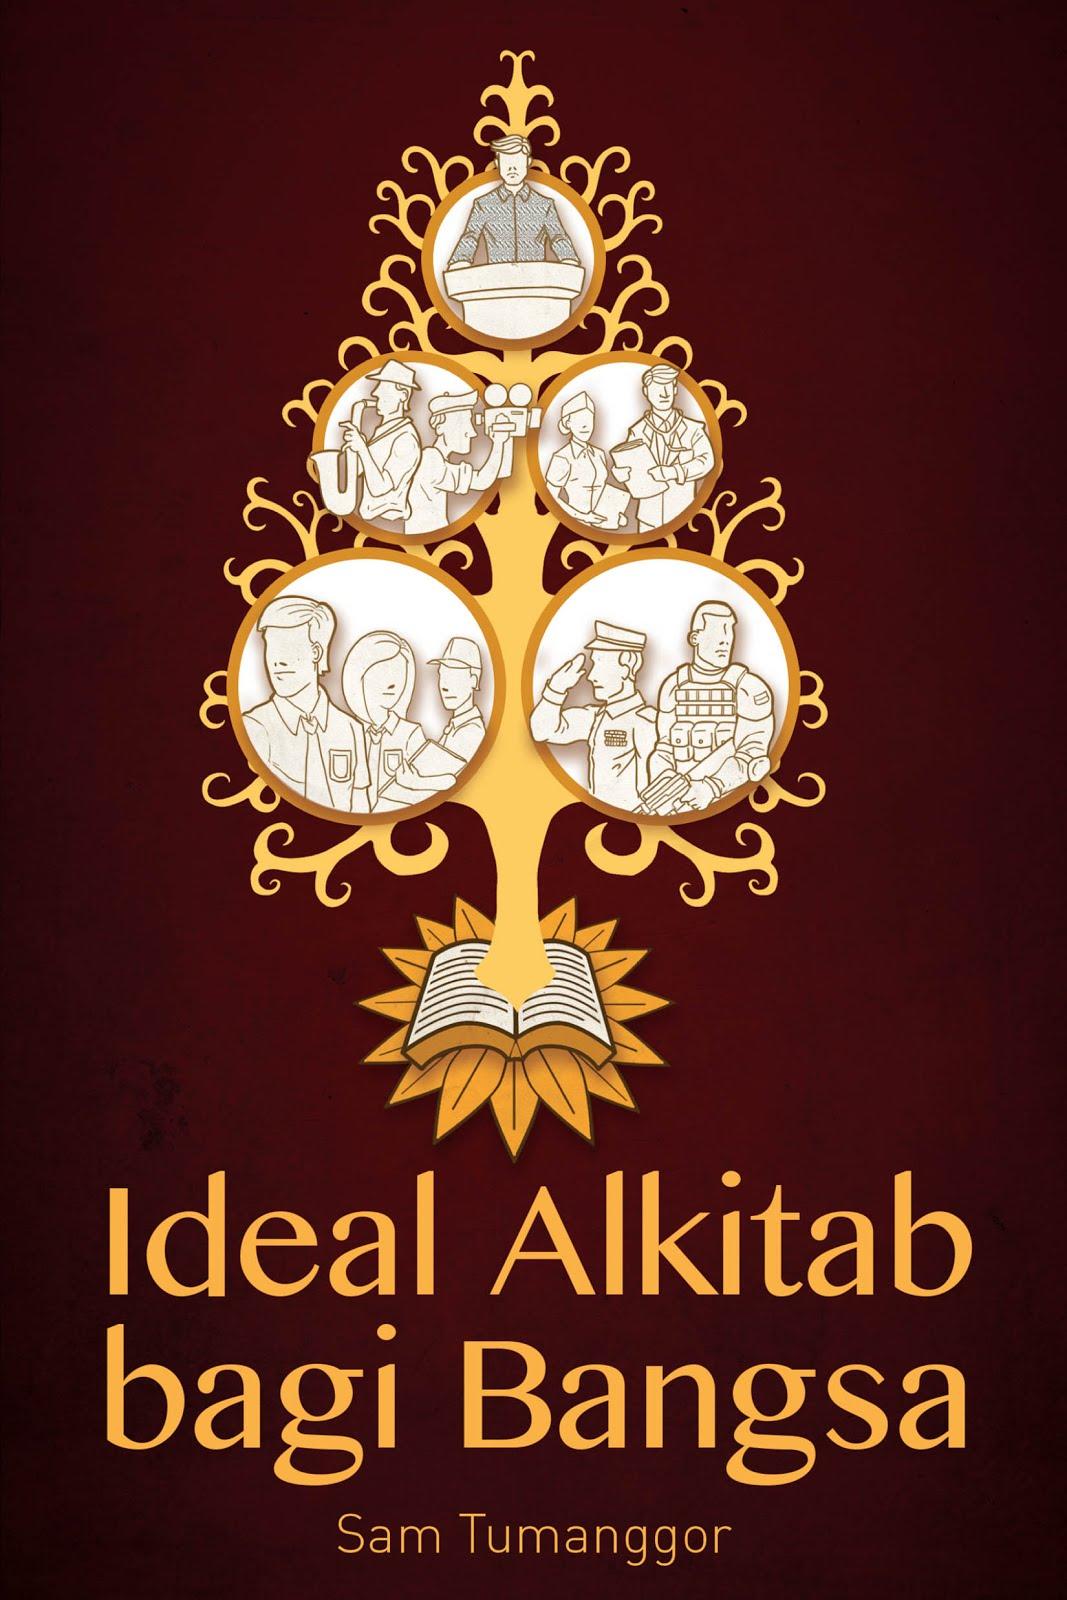 IDEAL ALKITAB BAGI BANGSA